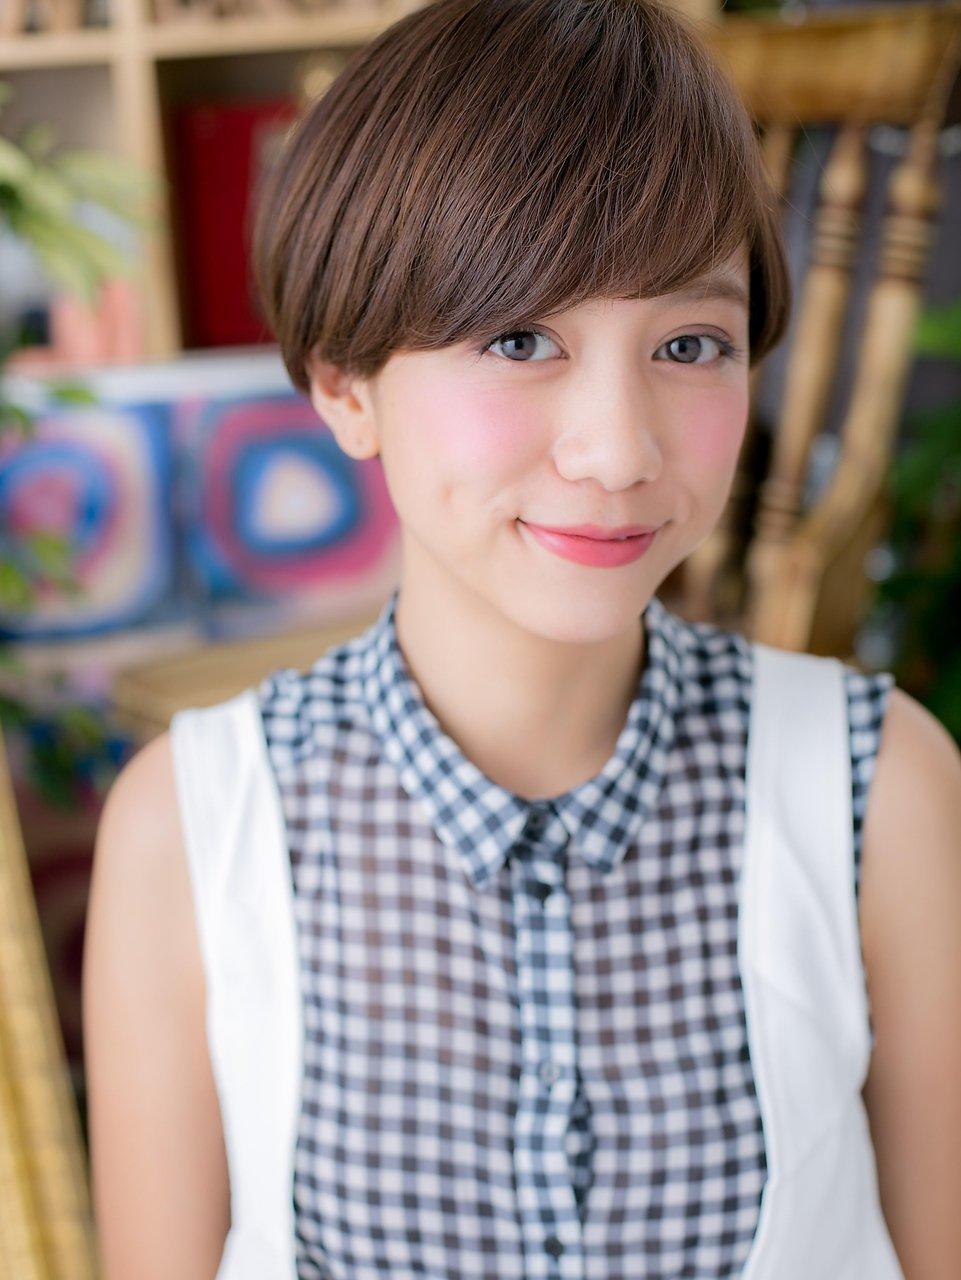 ■bliss戸田公園13-14★■大人かわいいシンプル小顔マッシュボブ